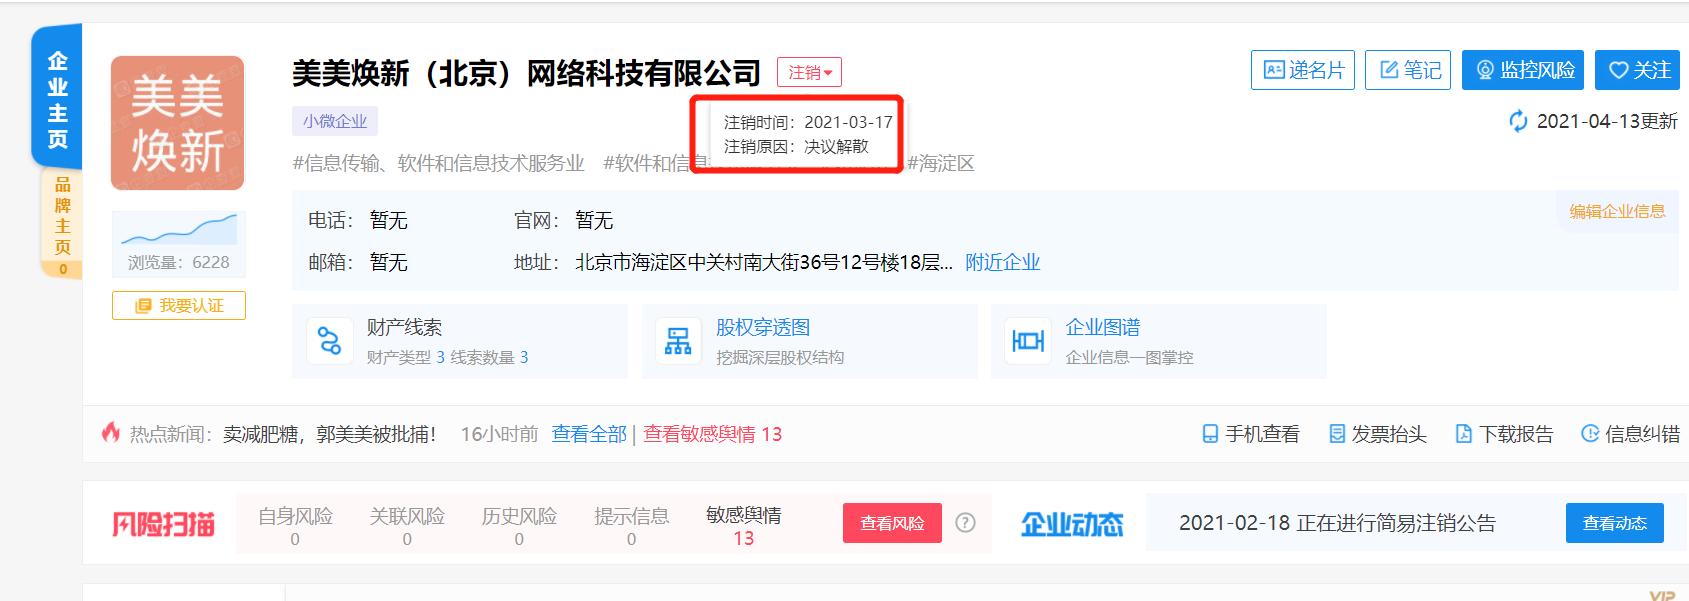 郭美美被批捕  其名下公司上月已被注销